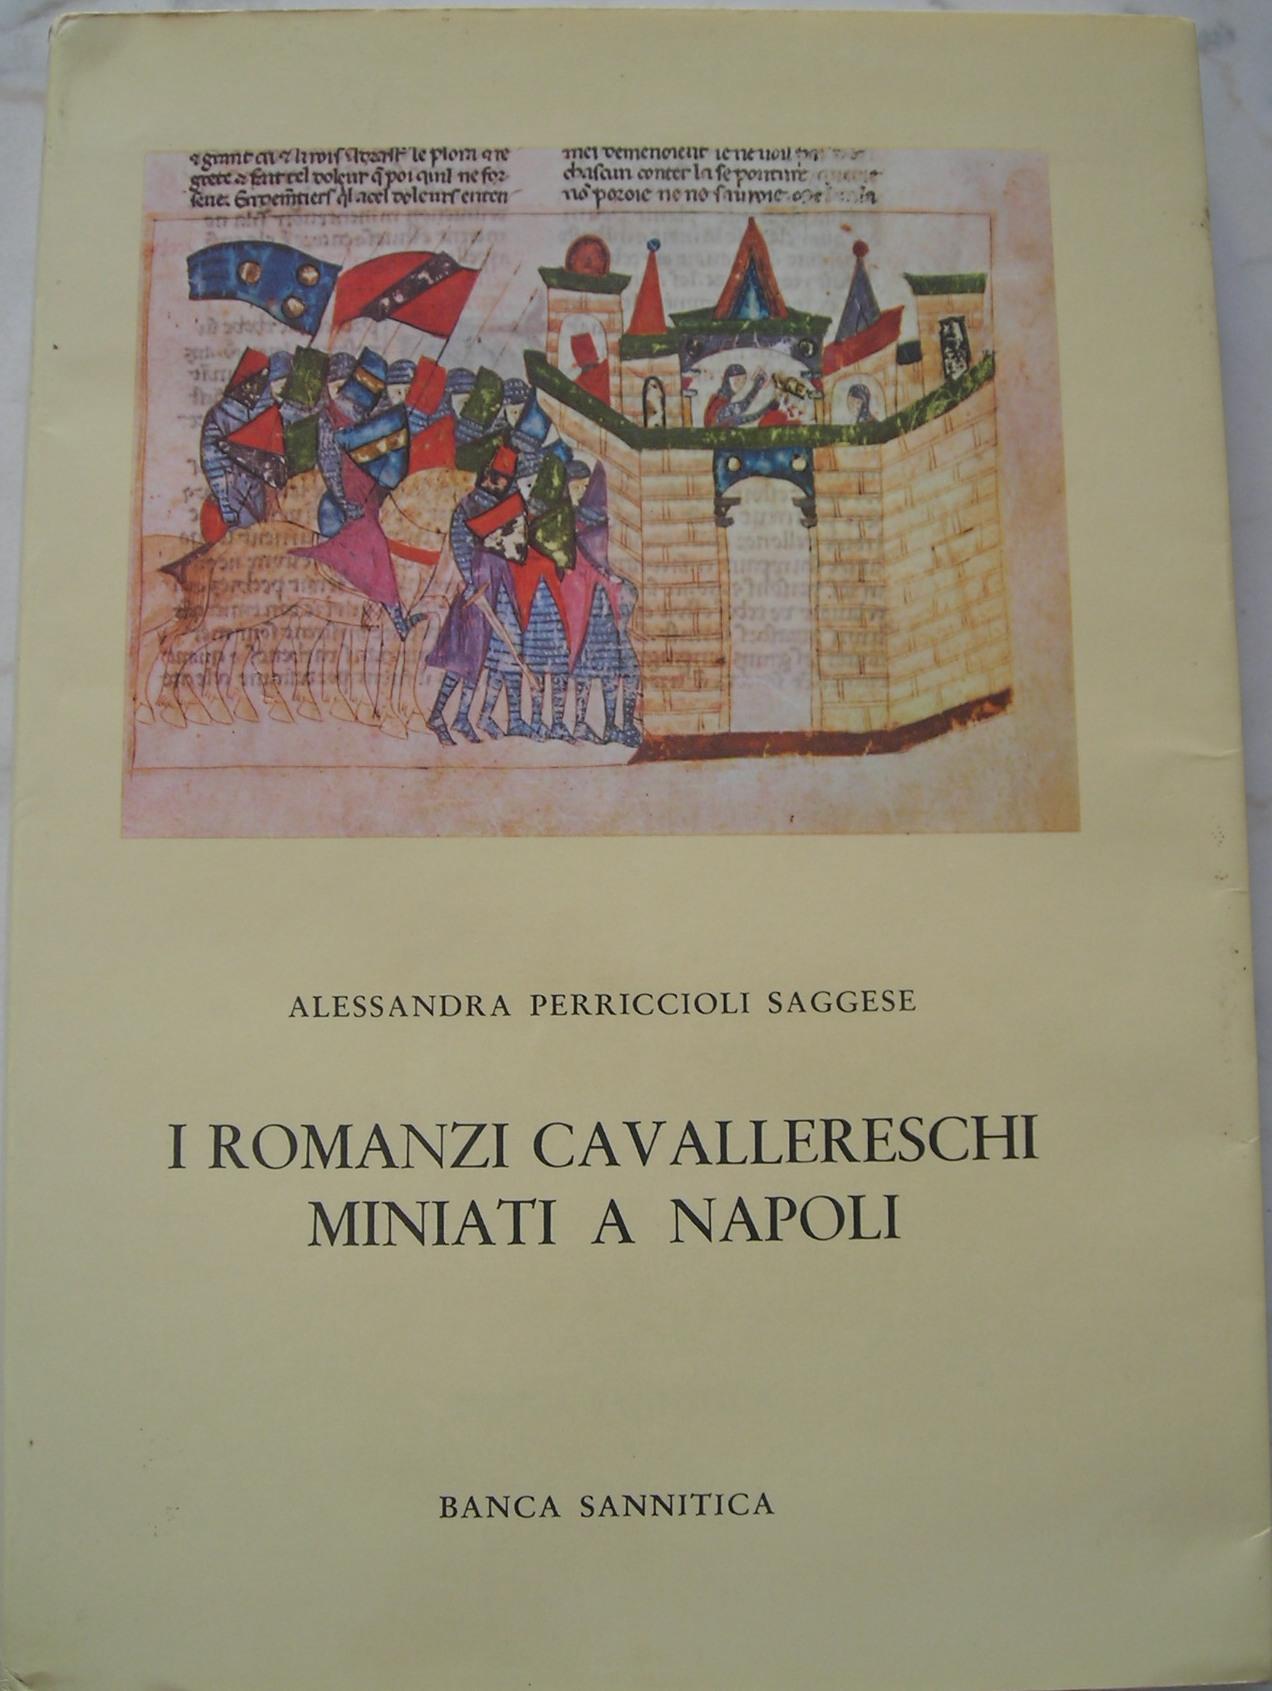 Romanzi Cavallereschi miniati a Napoli